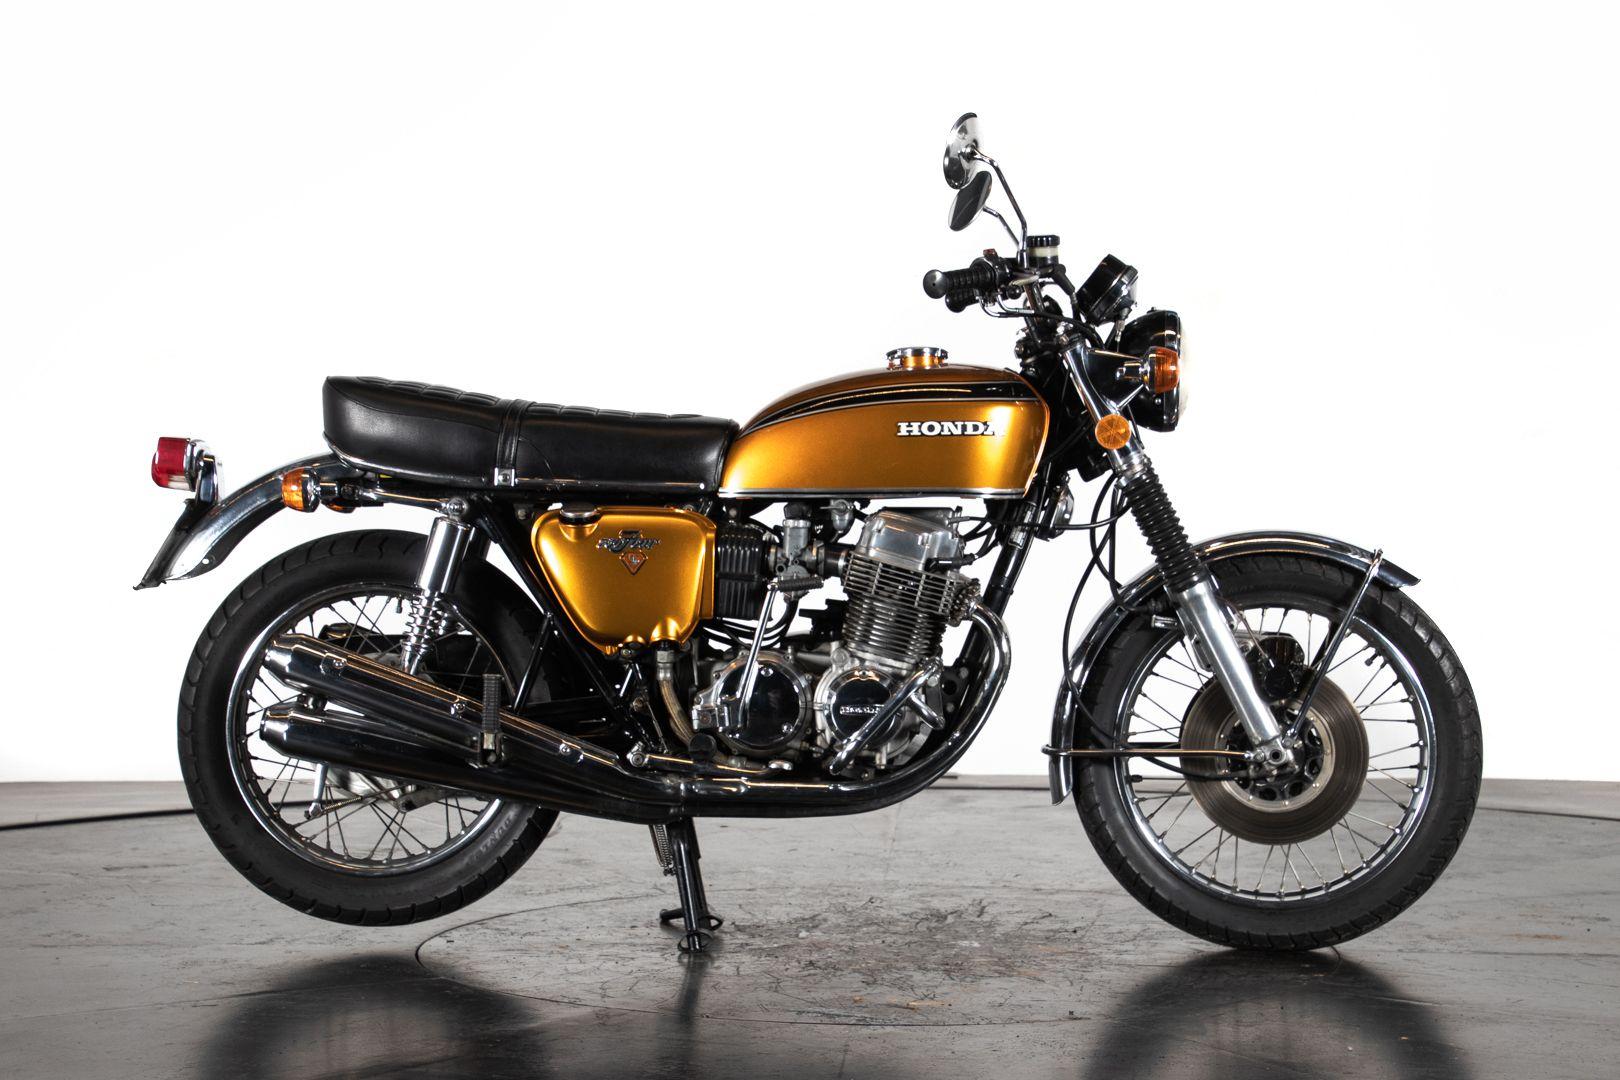 1972 Honda CB 750 Four 46591